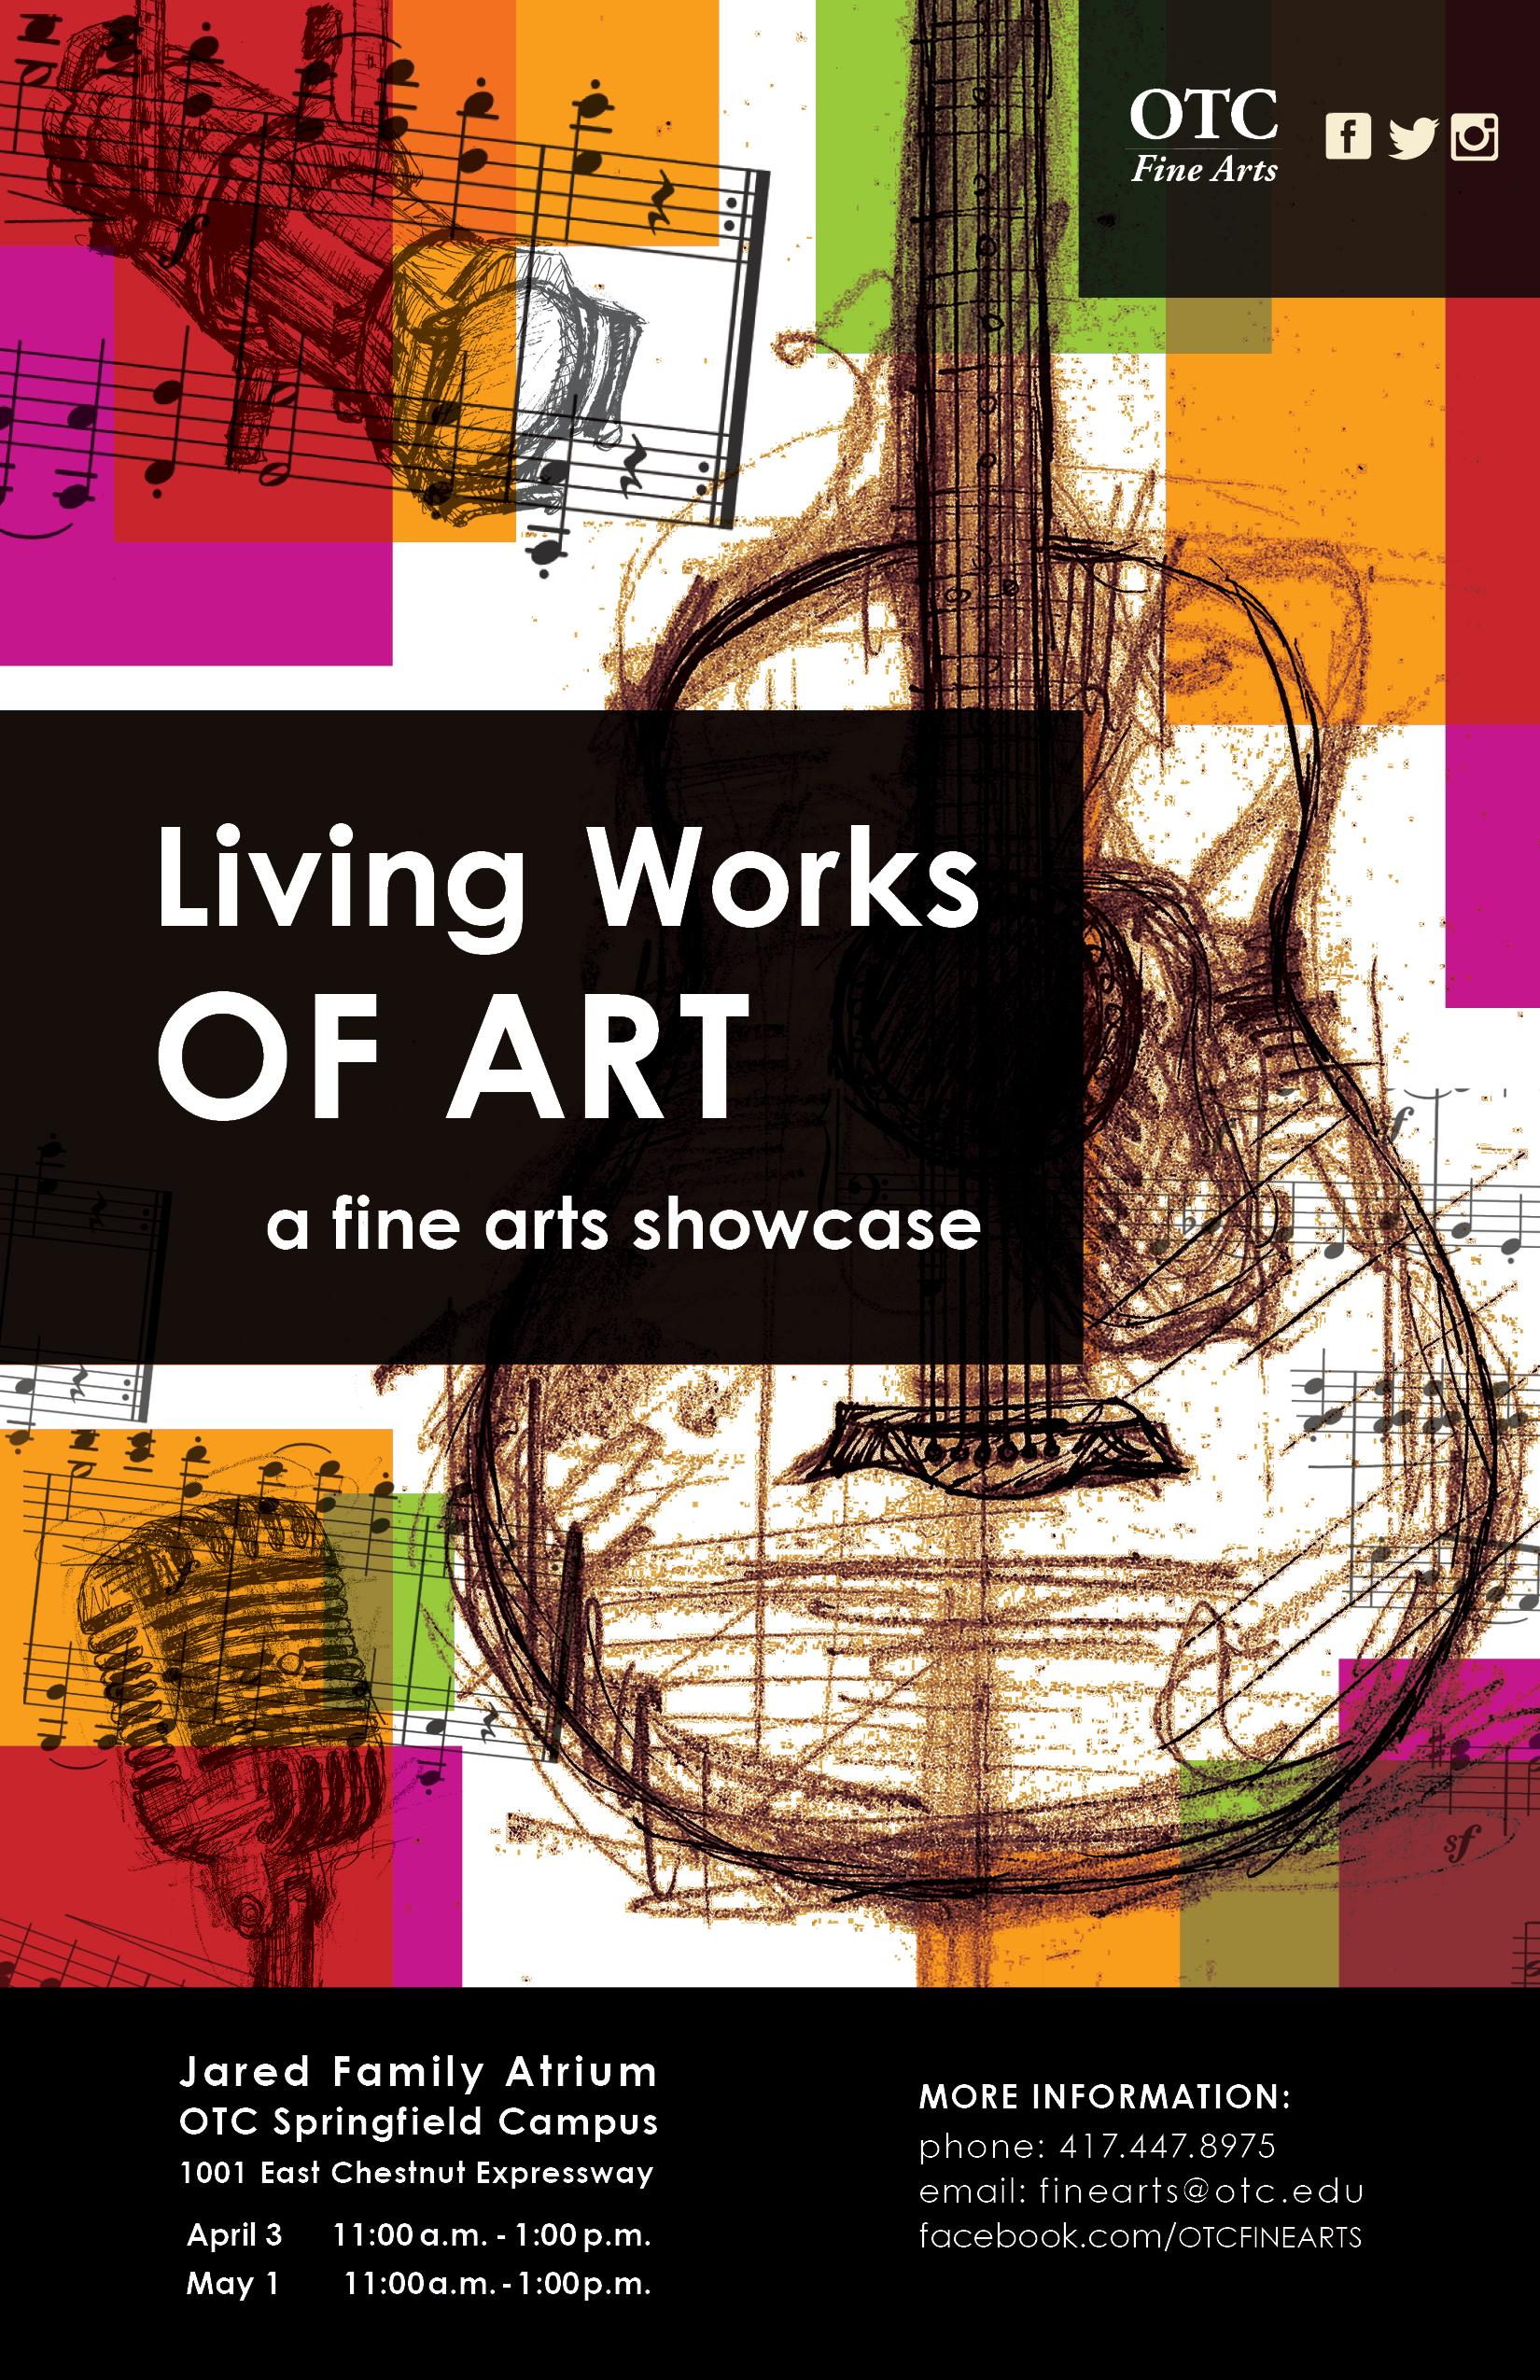 Living Works of Art